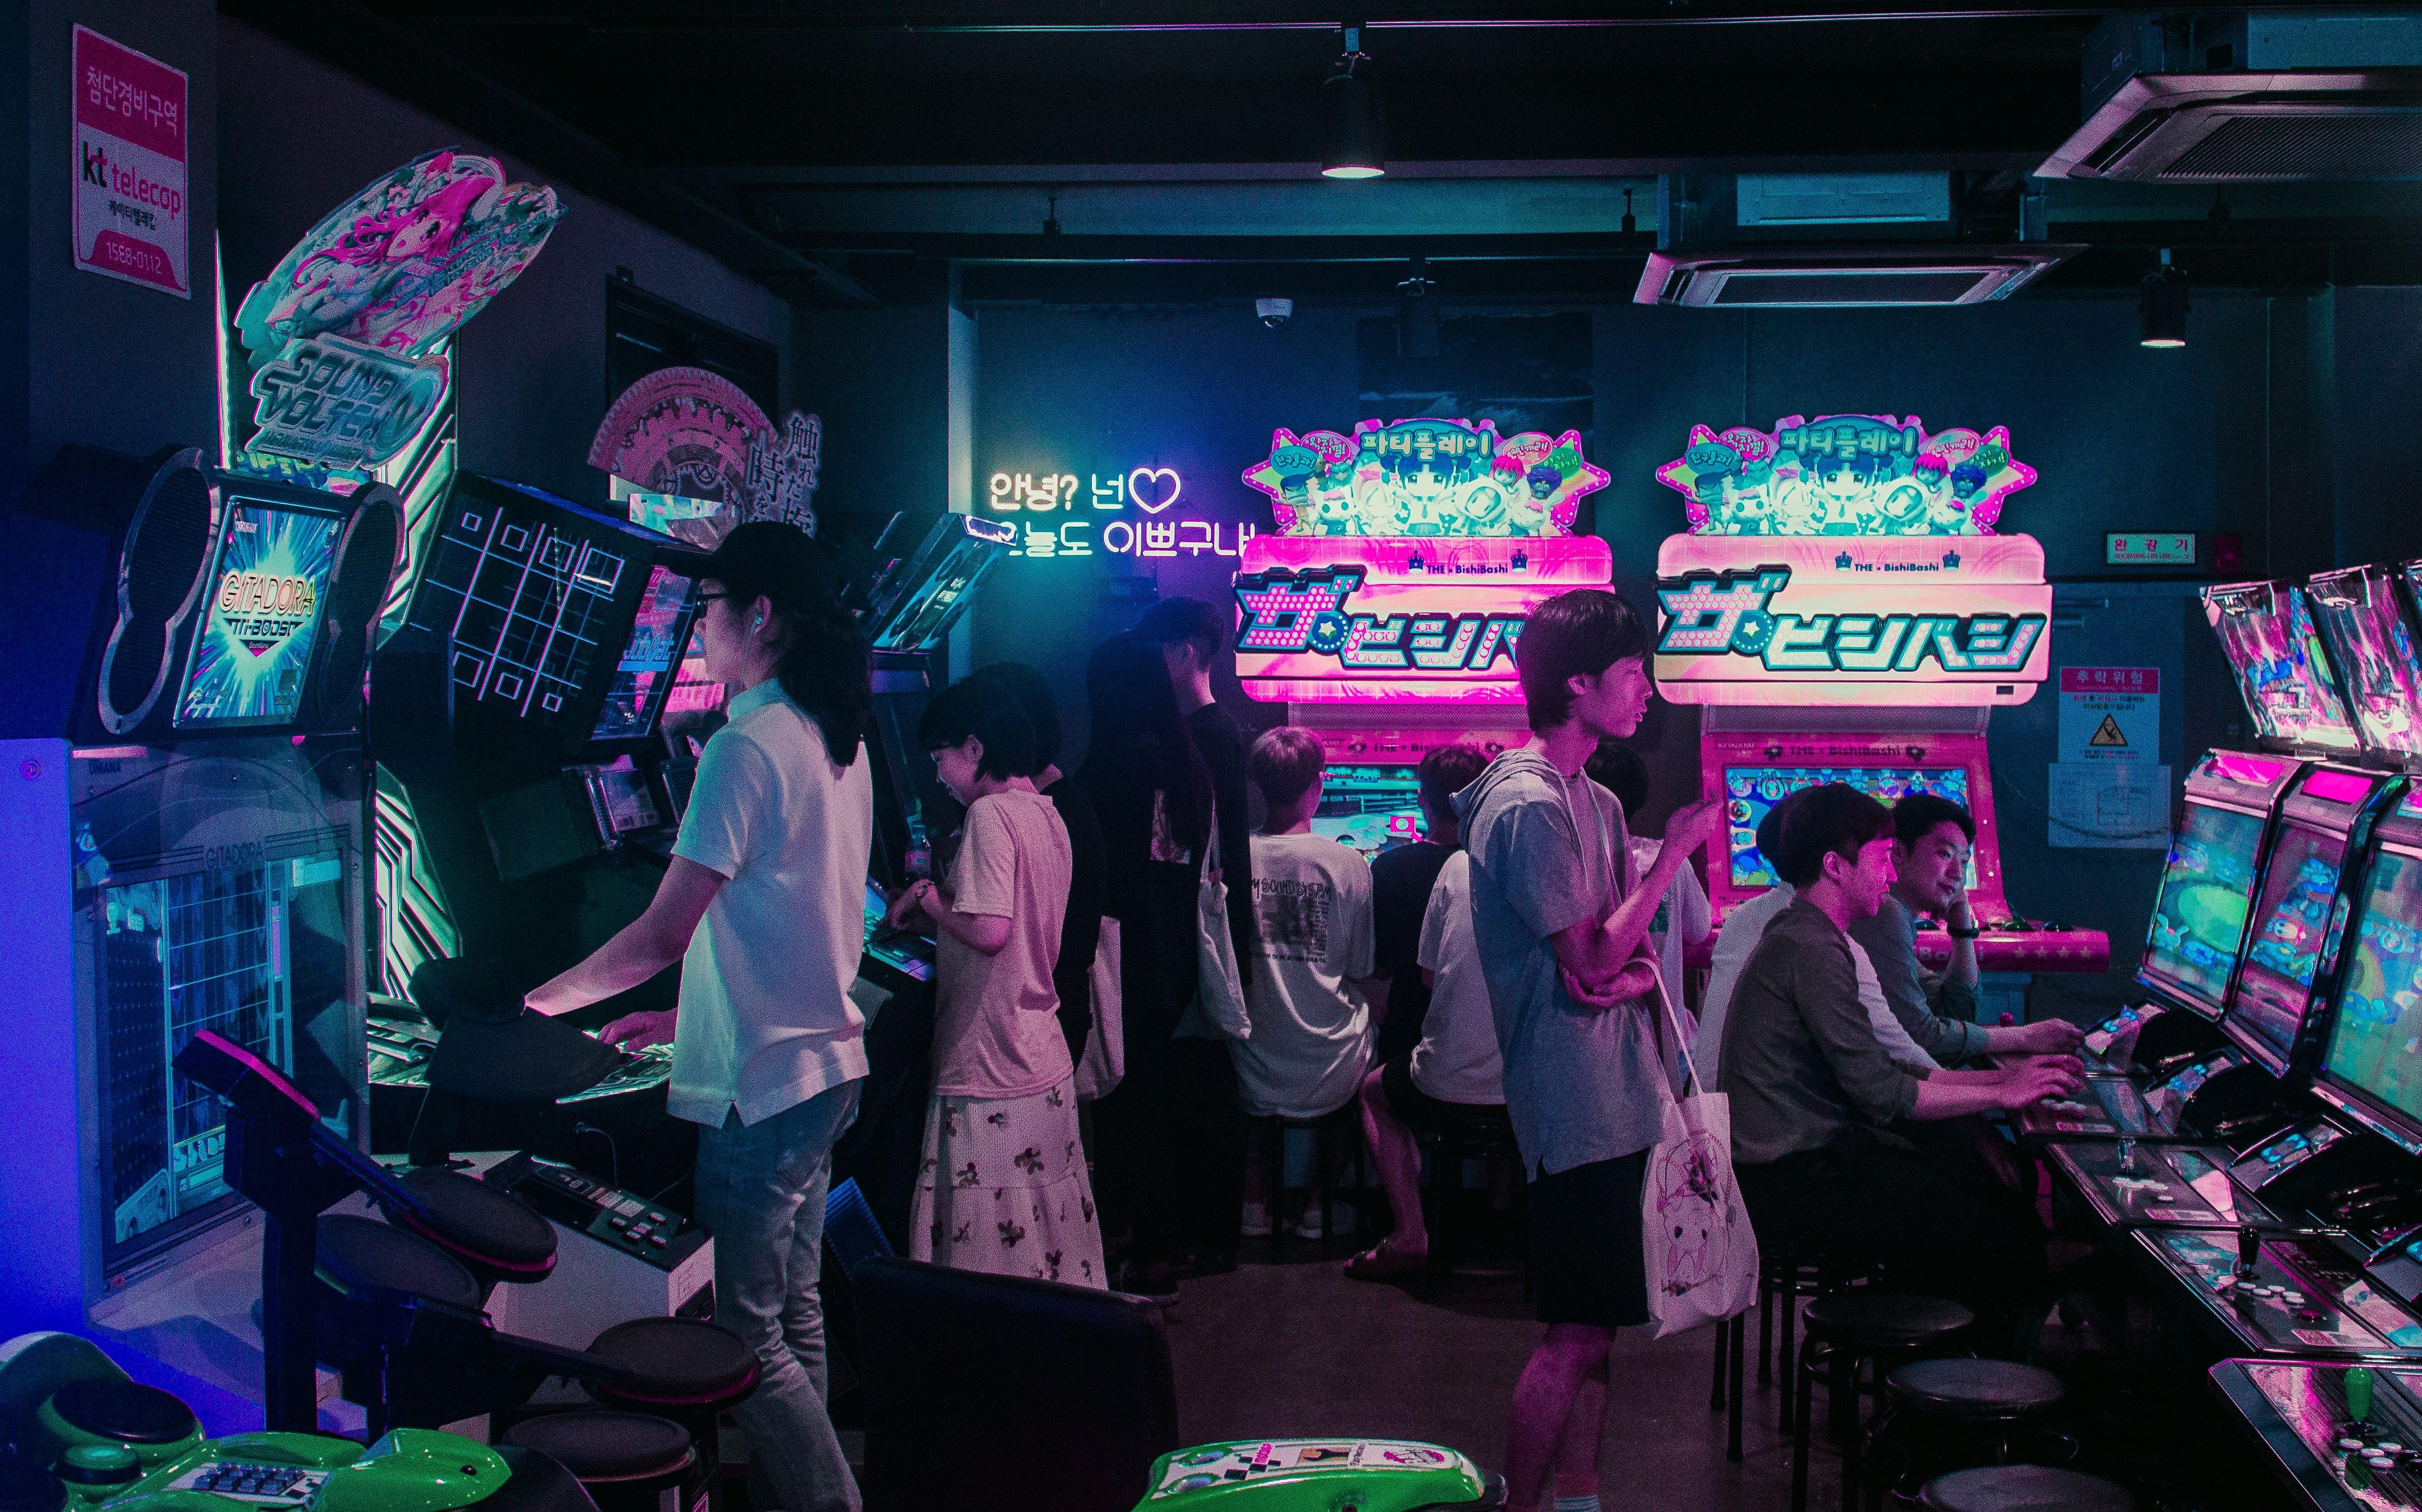 Sale giochi, fine di un'era? SEGA vende la sua divisione arcade